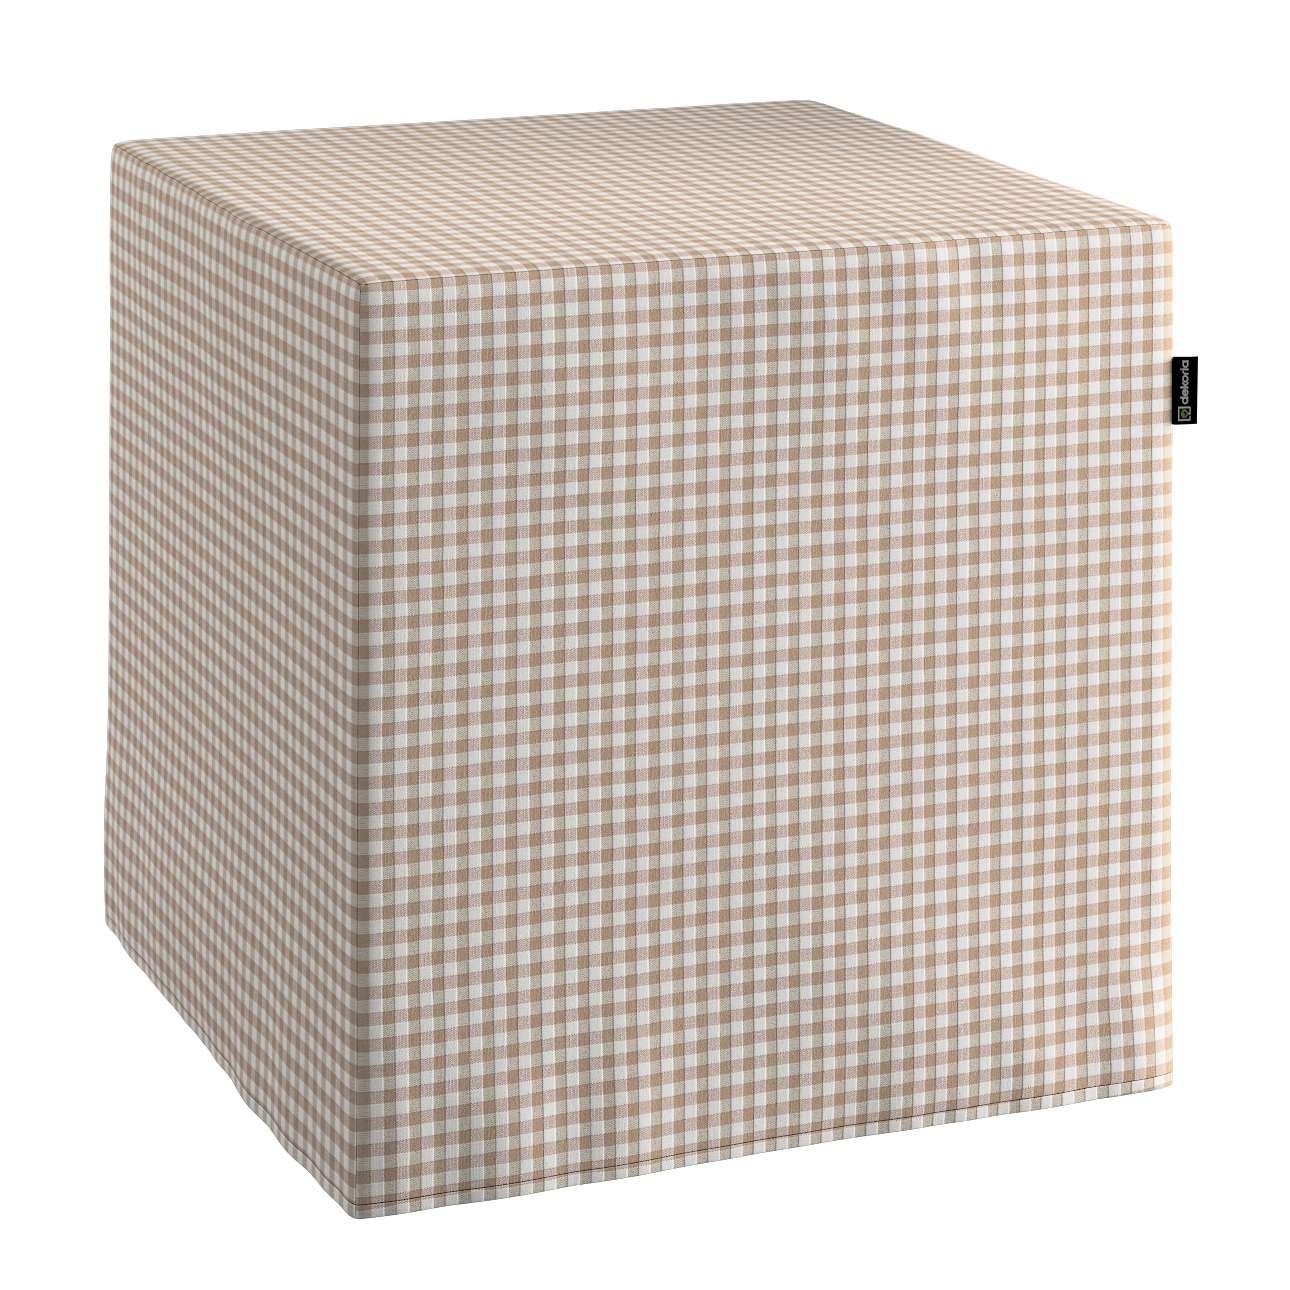 Taburetka tvrdá, kocka V kolekcii Quadro, tkanina: 136-05